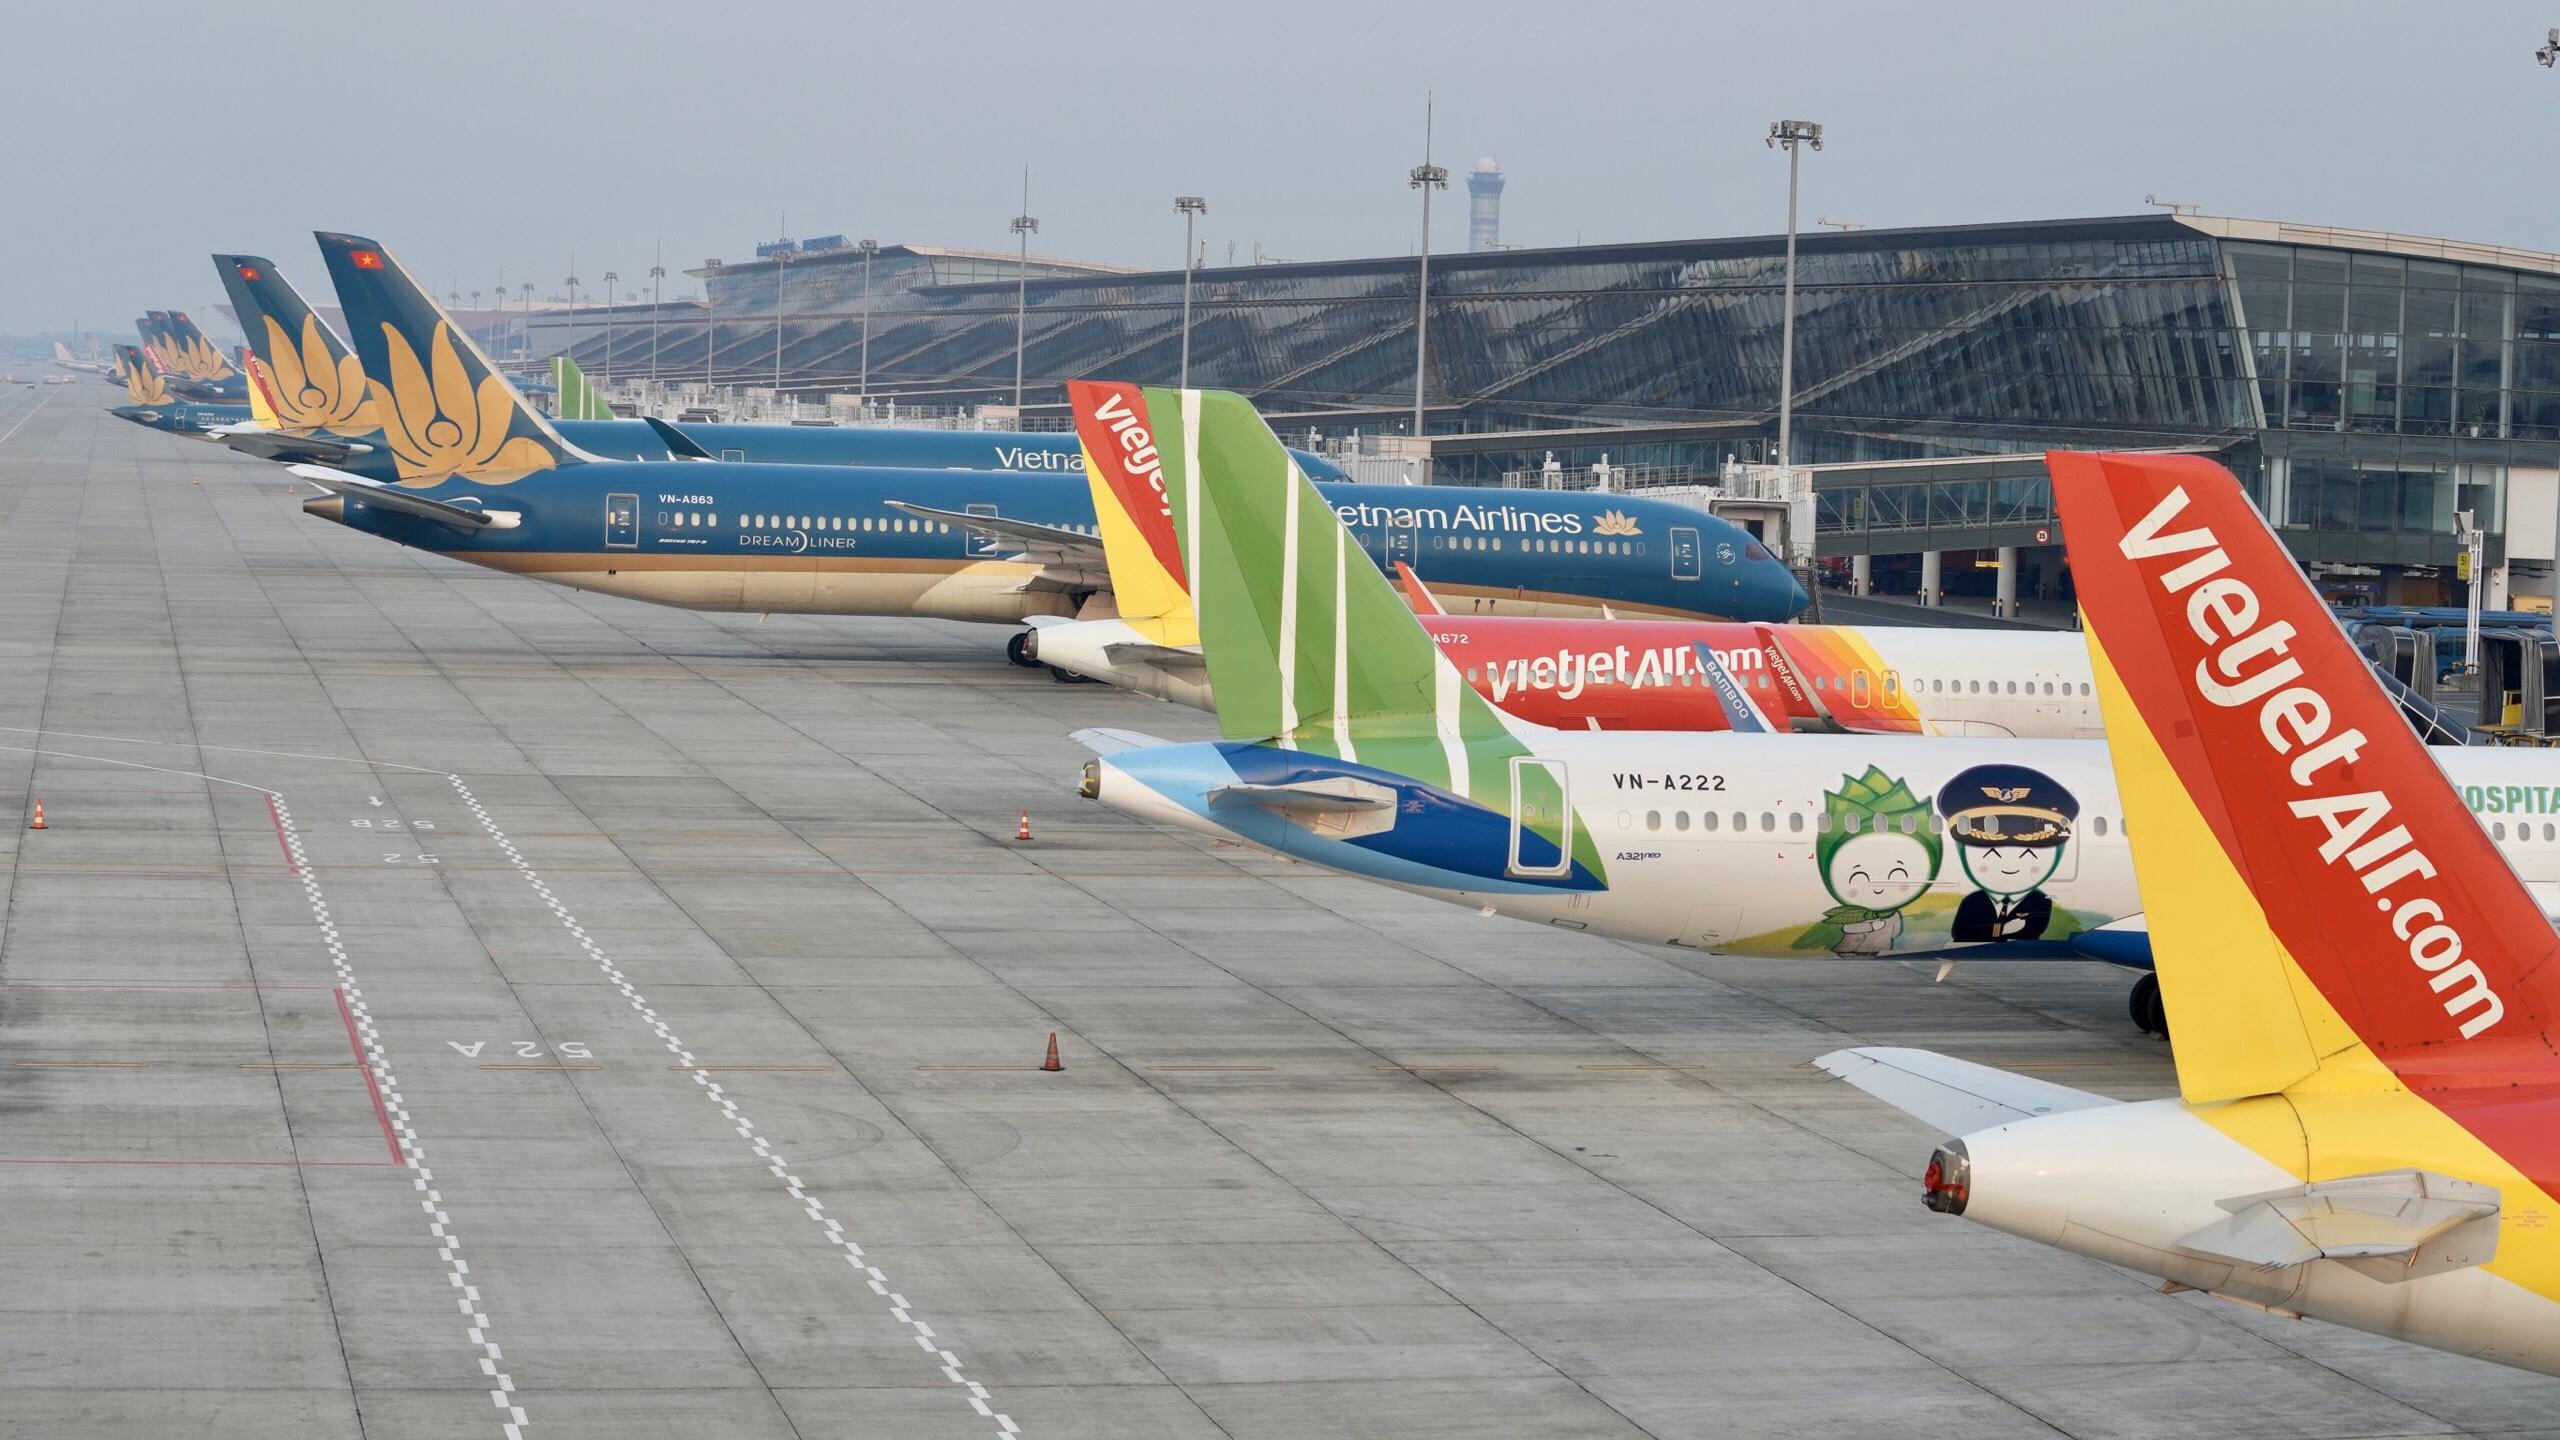 Áp giá sàn vé máy bay: Các hãng hàng không ý kiến trái chiều